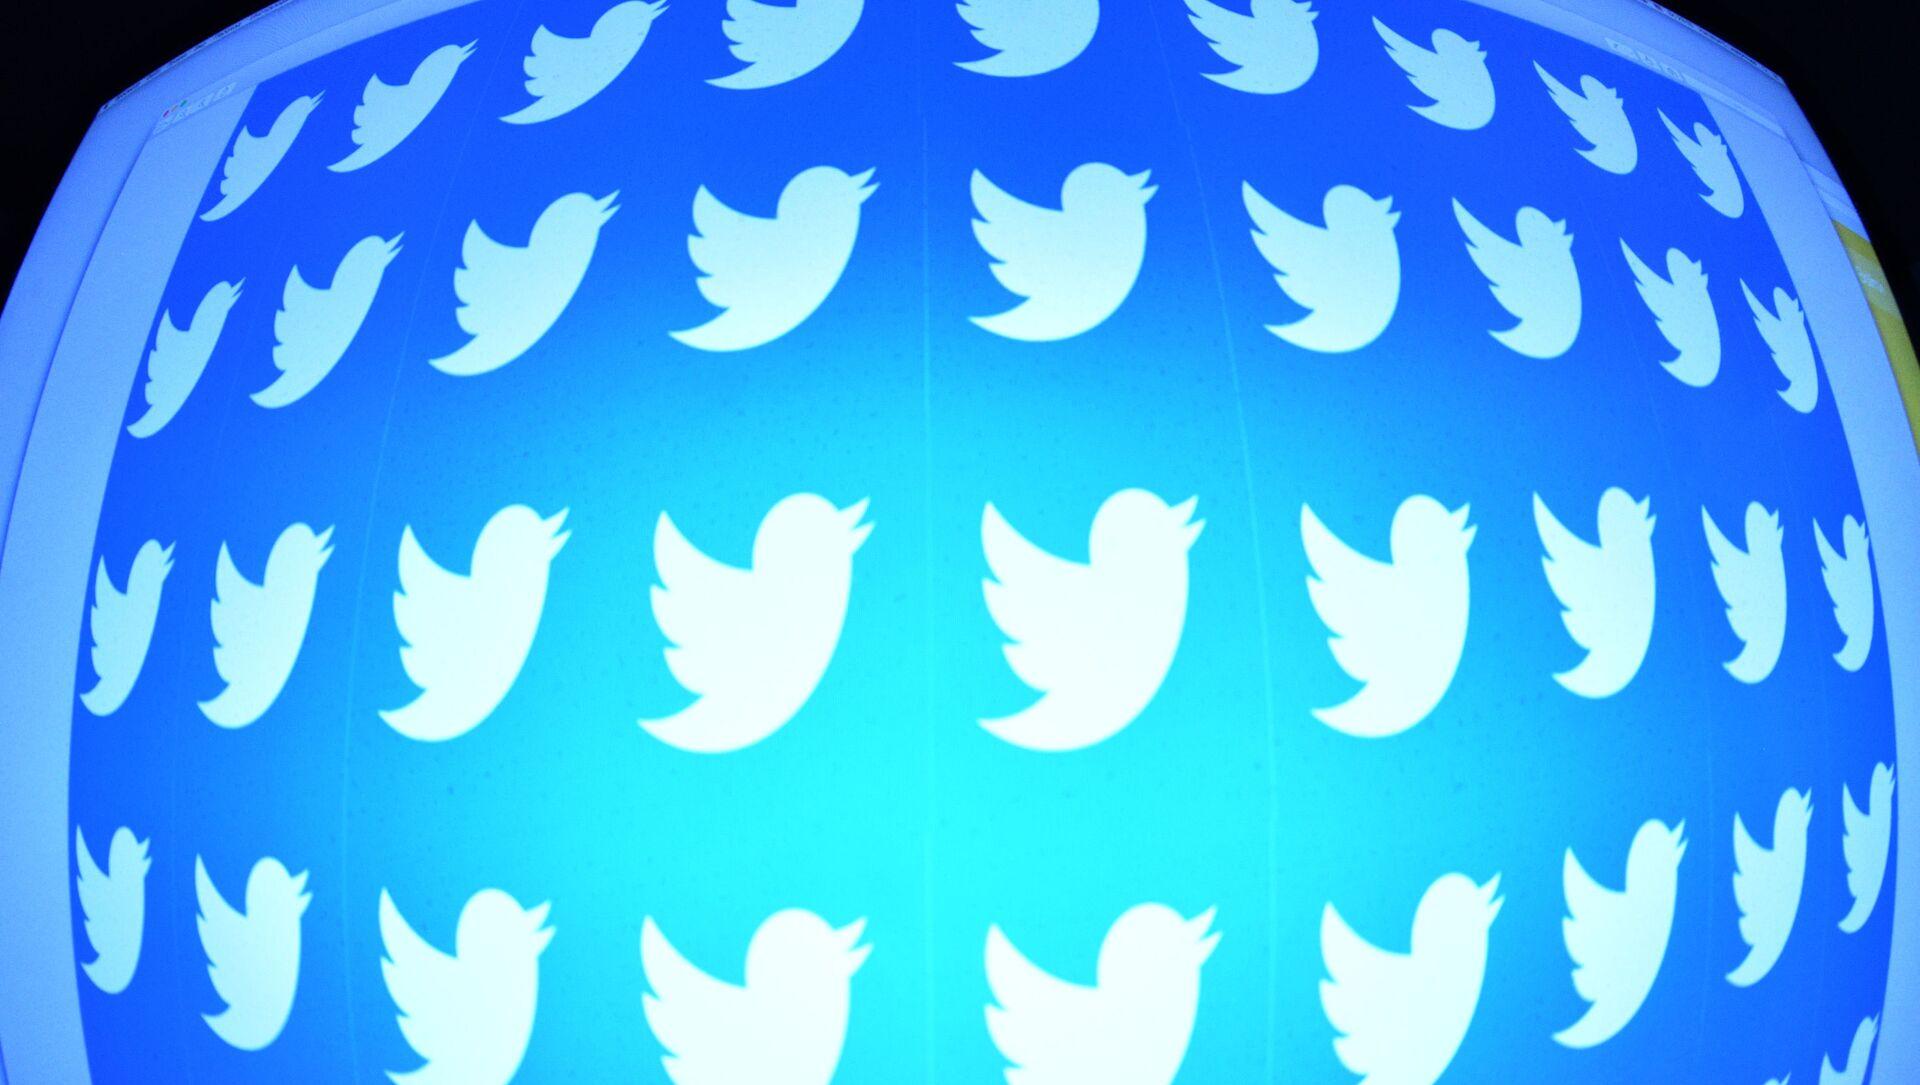 Лого друштвене мреже Твитер на екрану телефона - Sputnik Србија, 1920, 23.03.2021